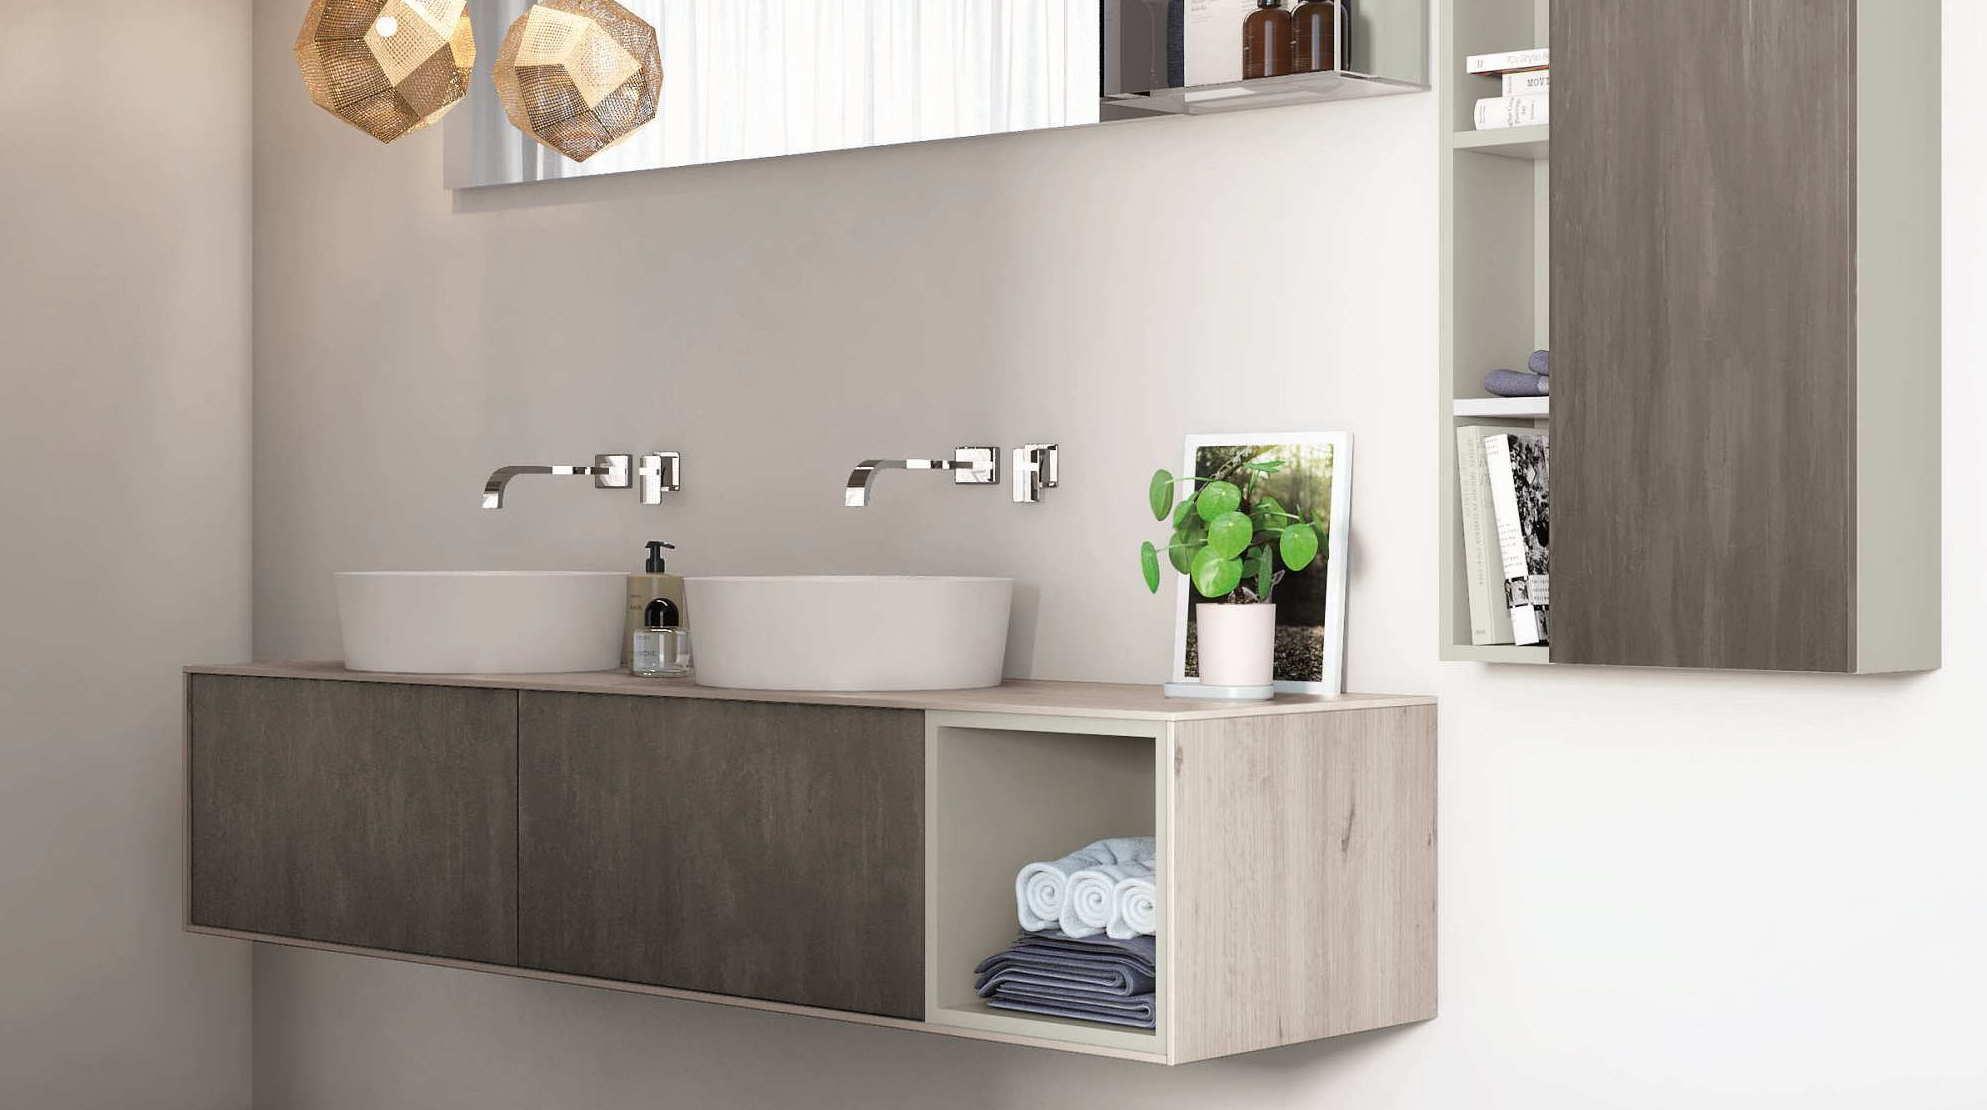 le cornici 08 badm bel mit auflagewaschtischen mein bad